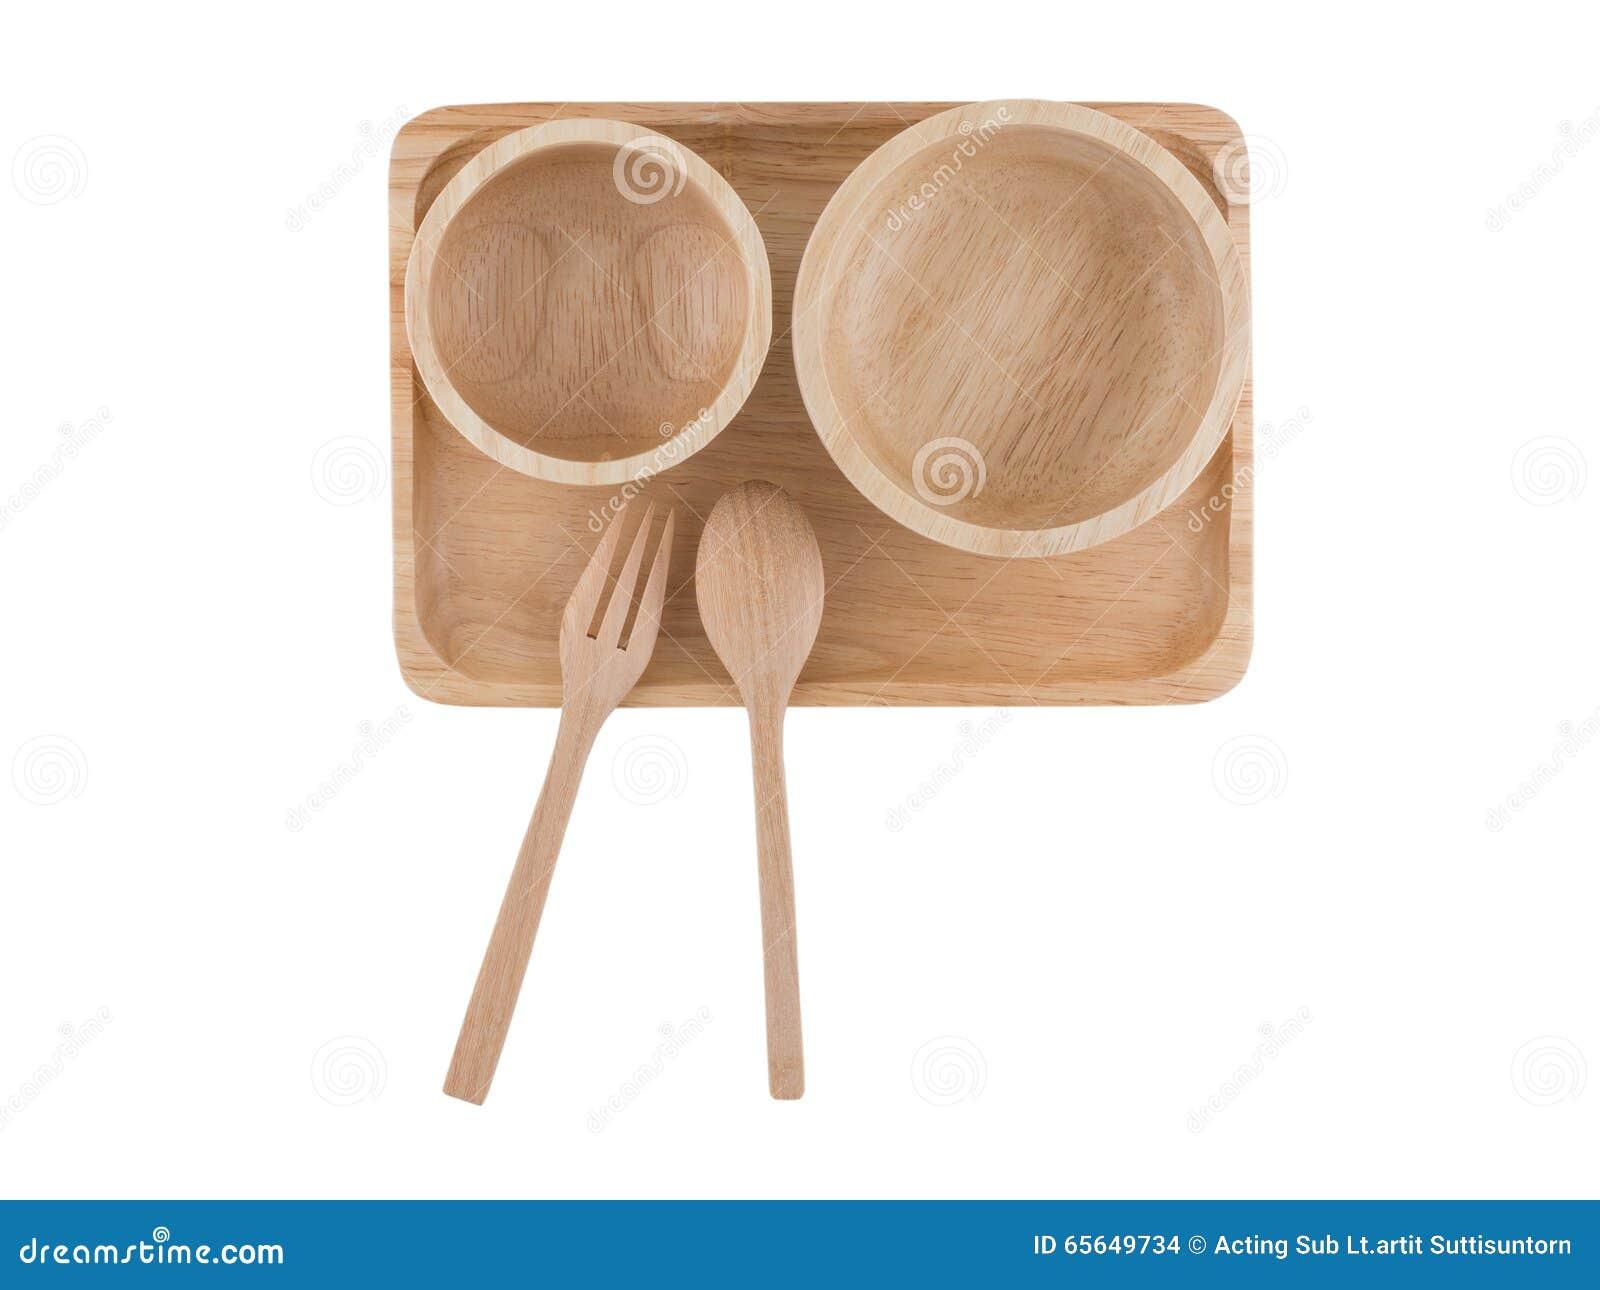 Vue supérieure, cuillère en bois et tasse en bois placées sur le plateau en bois